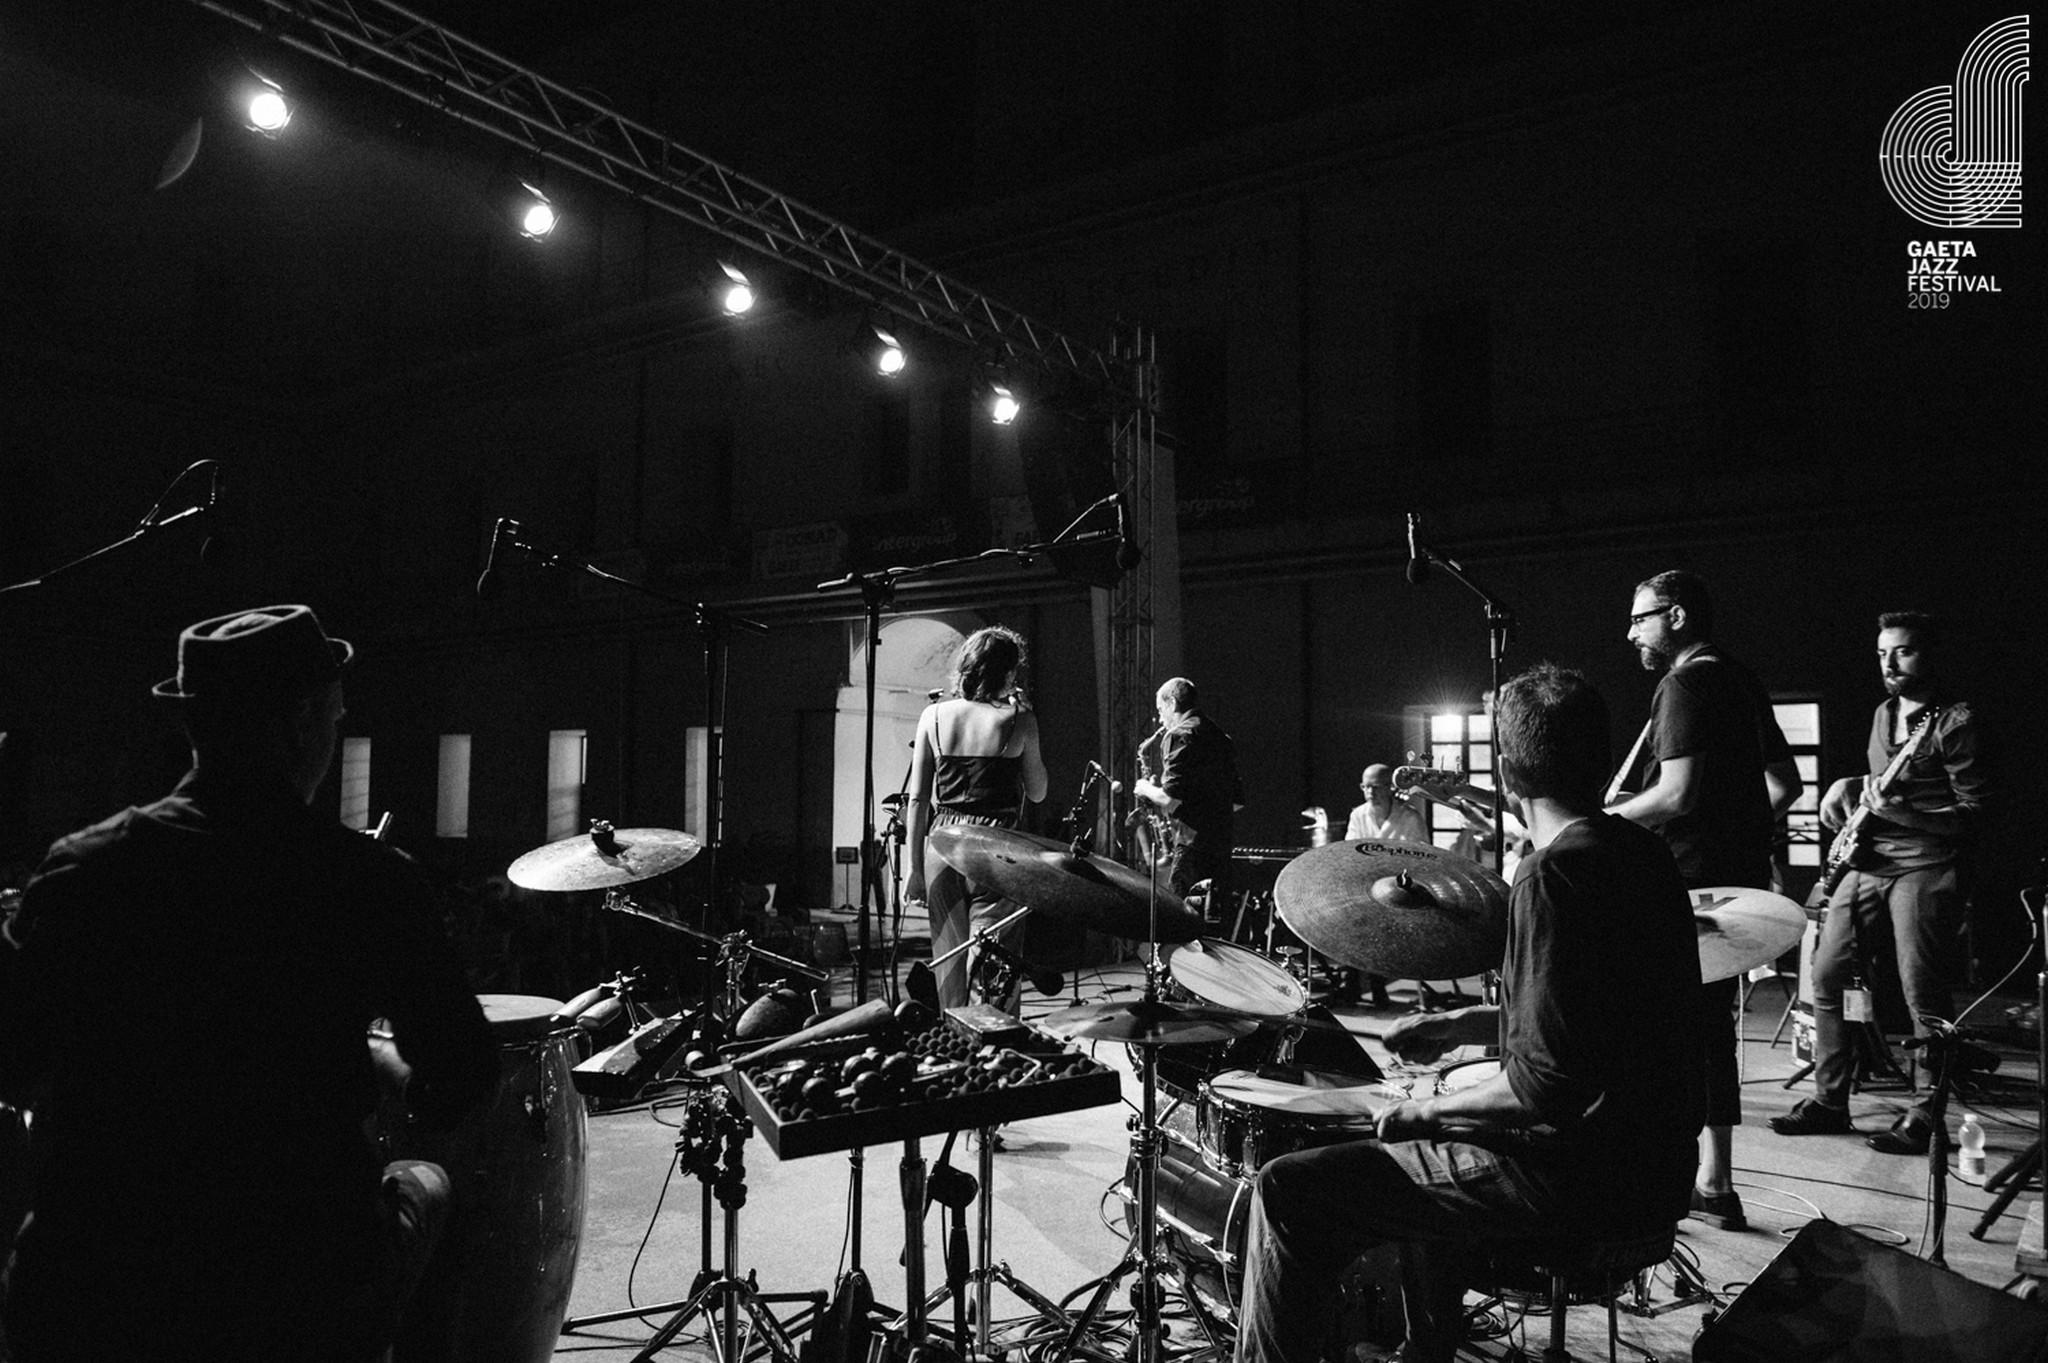 Flavia_Fiengo_Gaeta_Jazz_Festival_live_2019__00006